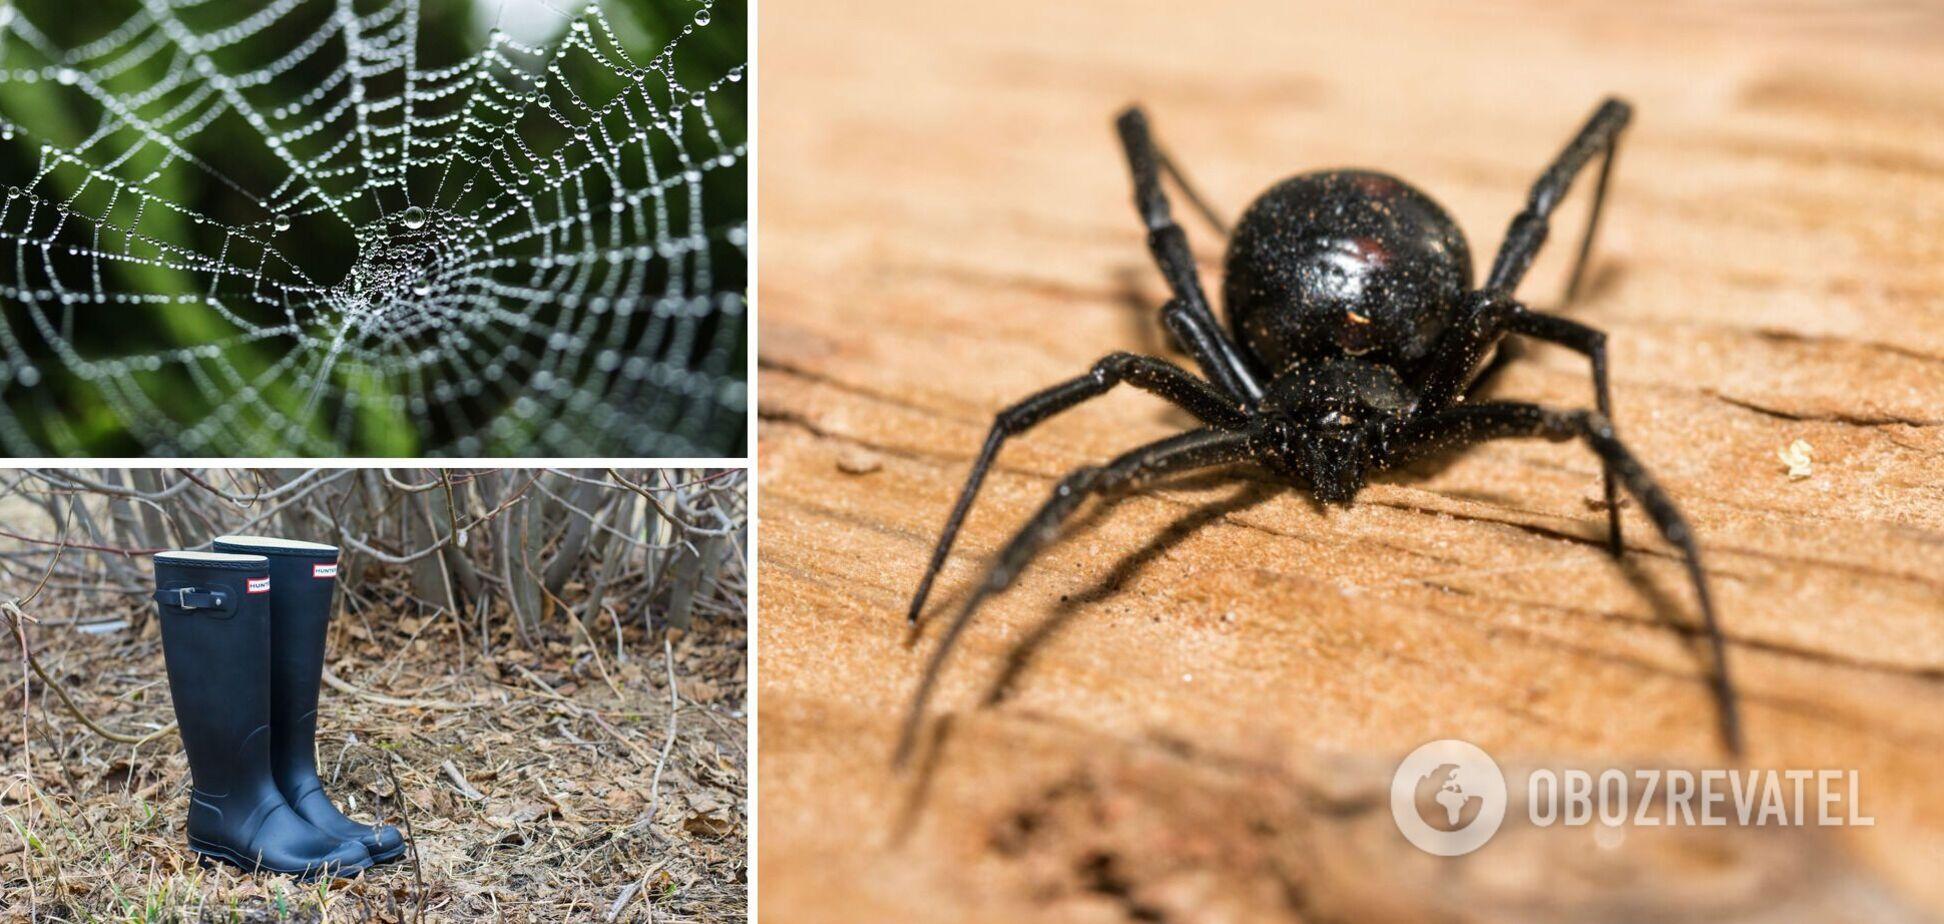 В Україні виявлено павука каракурта: парамедики розповіли, що робити в разі укусу